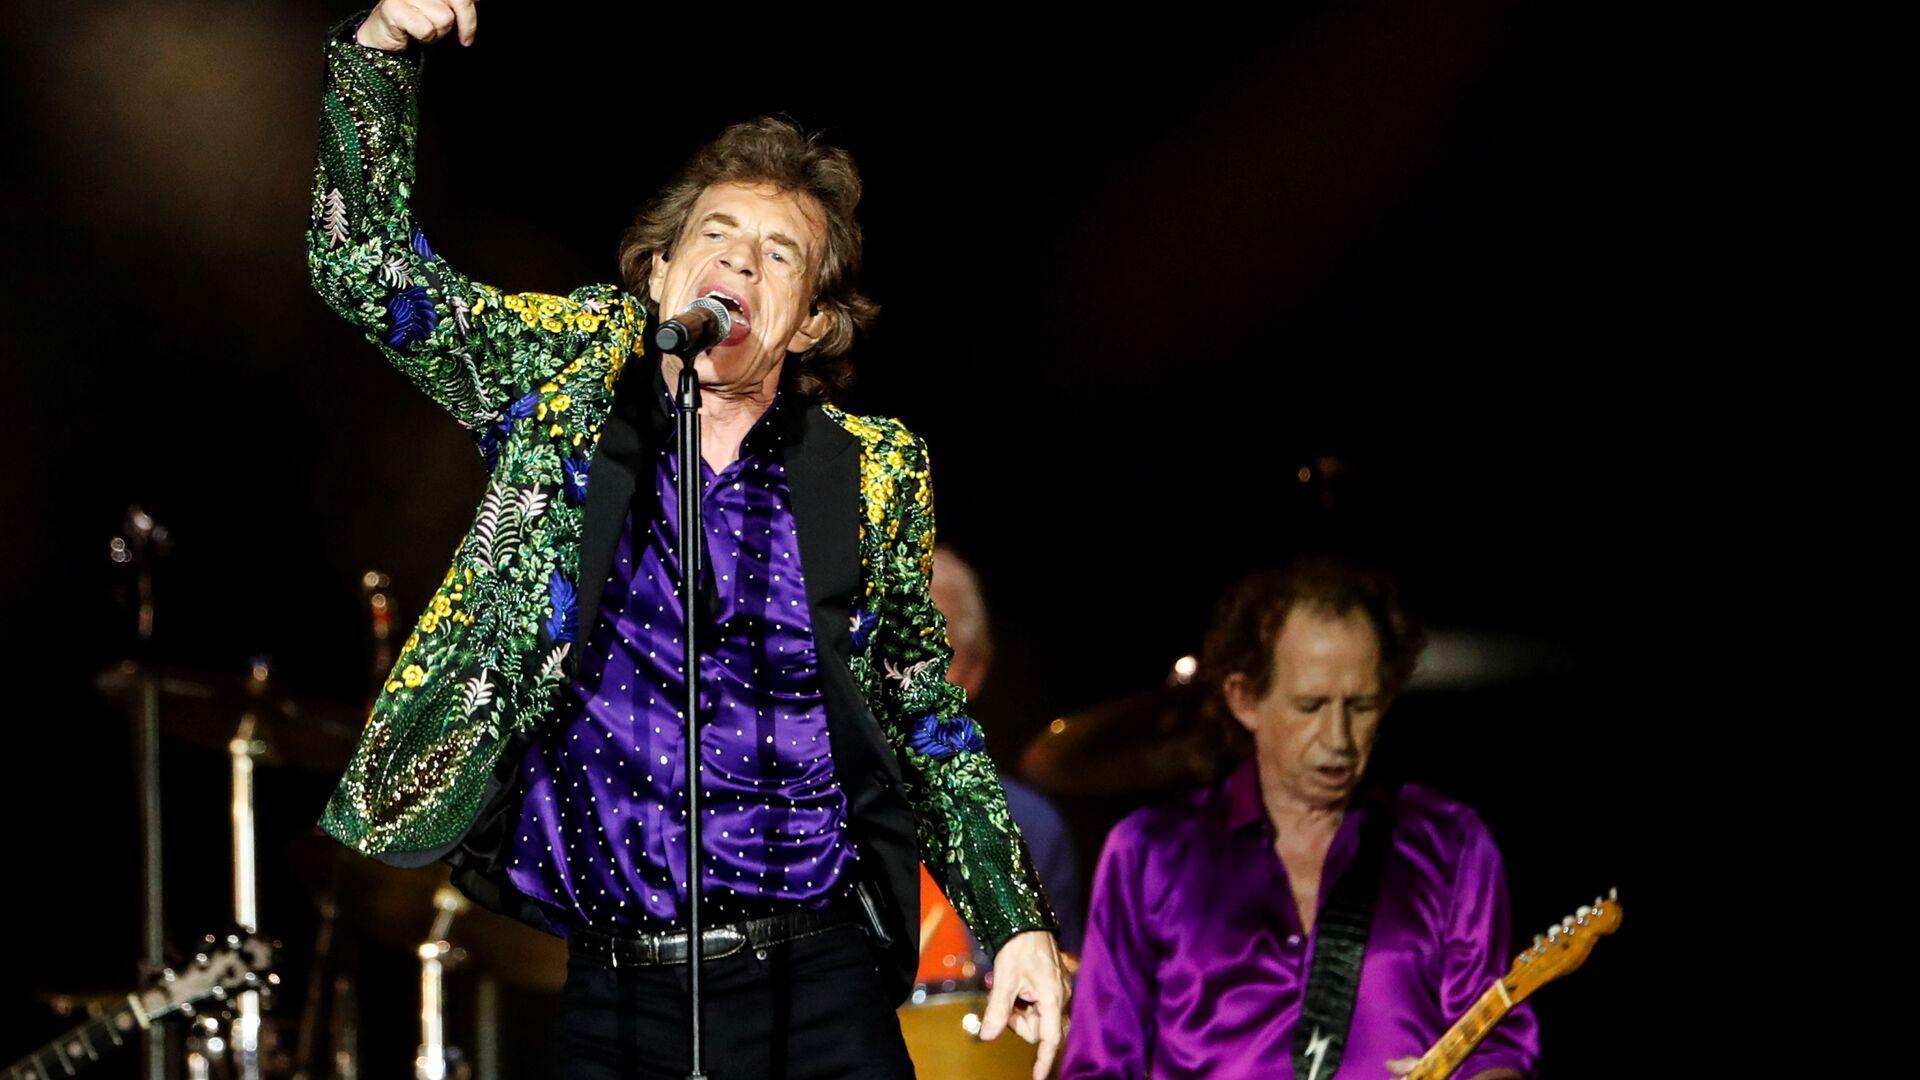 Выступление Rolling Stones - Sputnik Česká republika, 1920, 12.09.2021